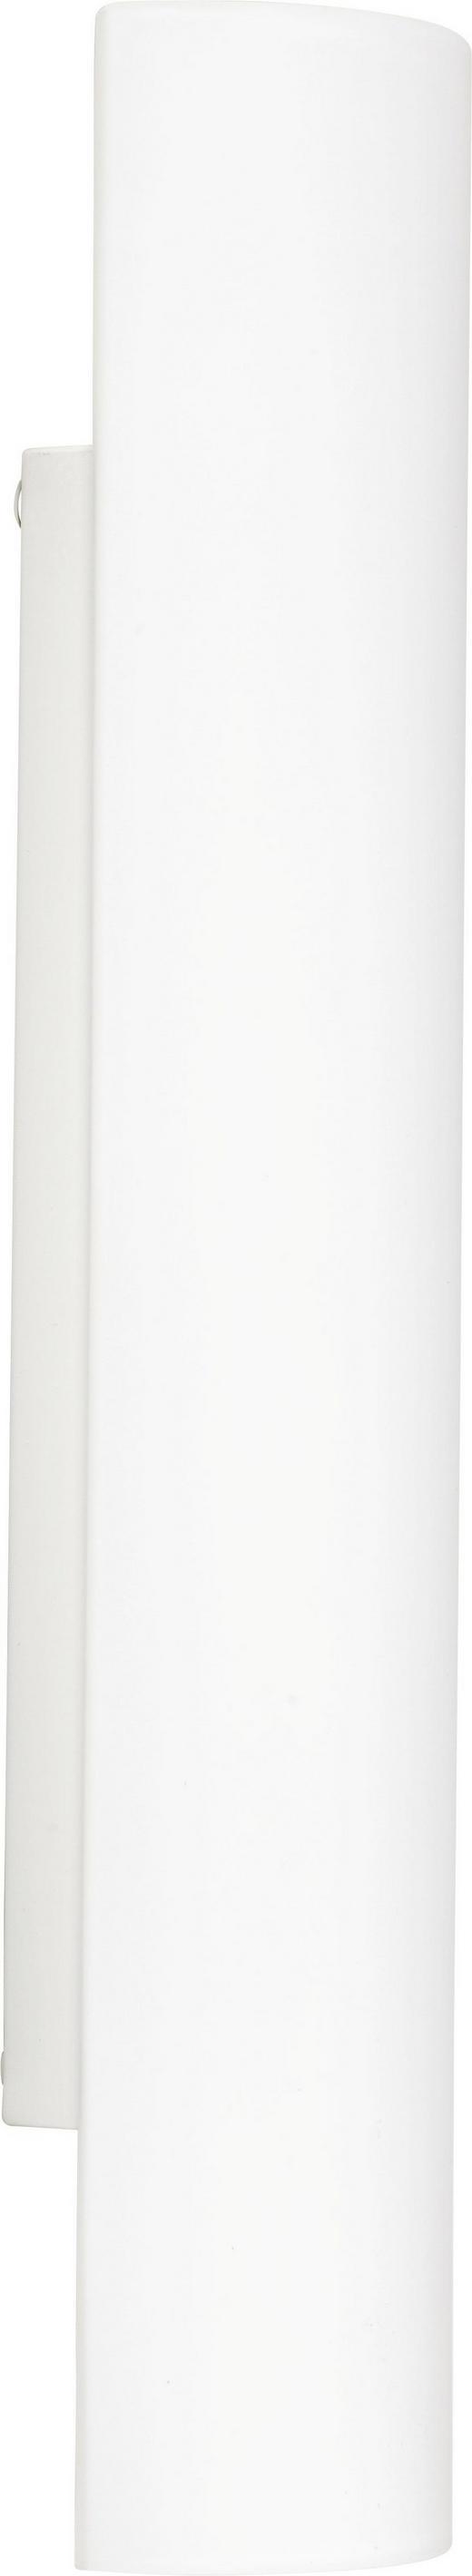 WANDLEUCHTE - Weiß, LIFESTYLE, Metall (40cm) - Bankamp